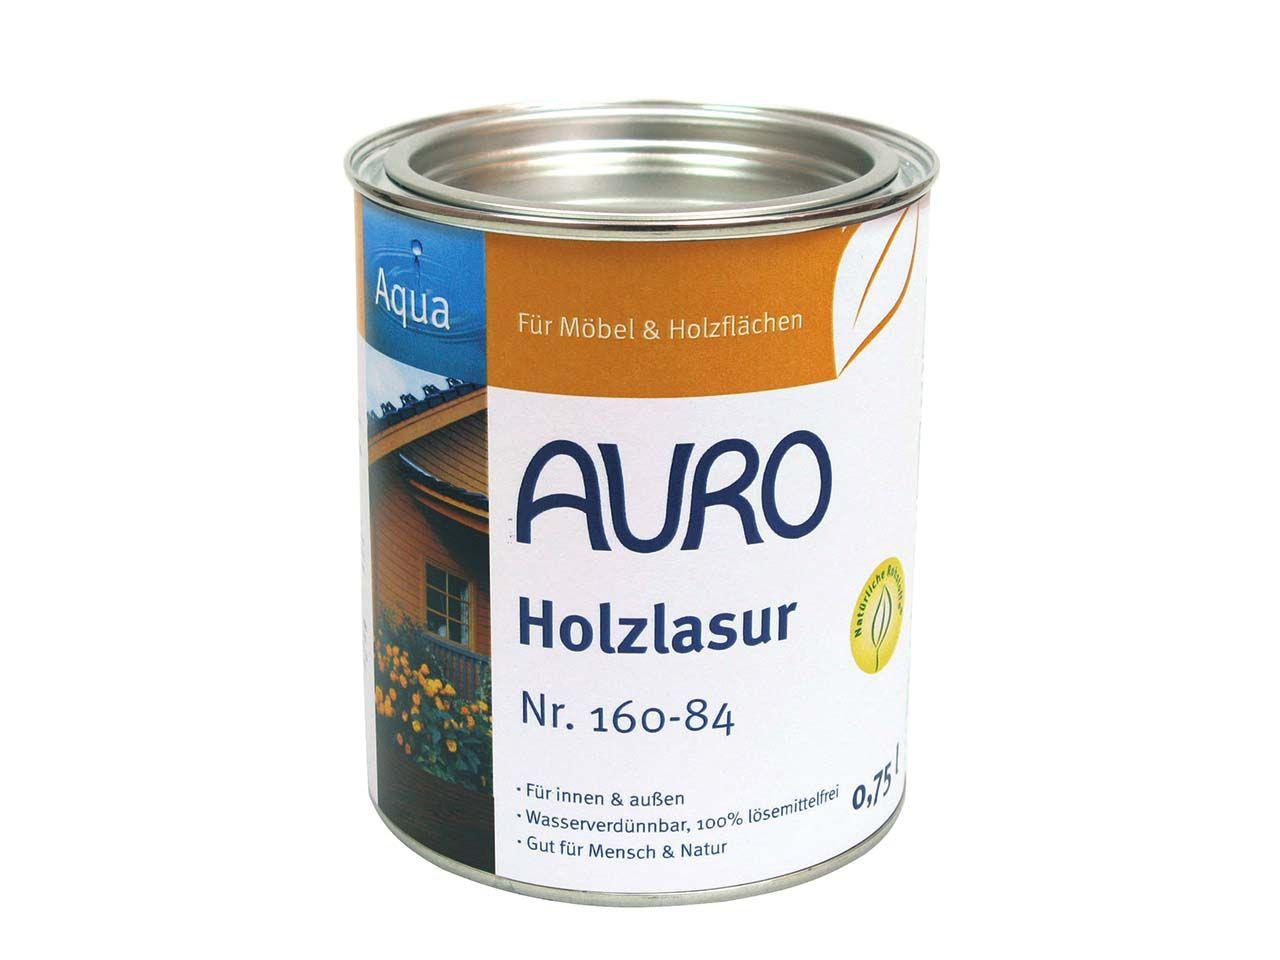 AURO Holzlasur orange 0,75 l